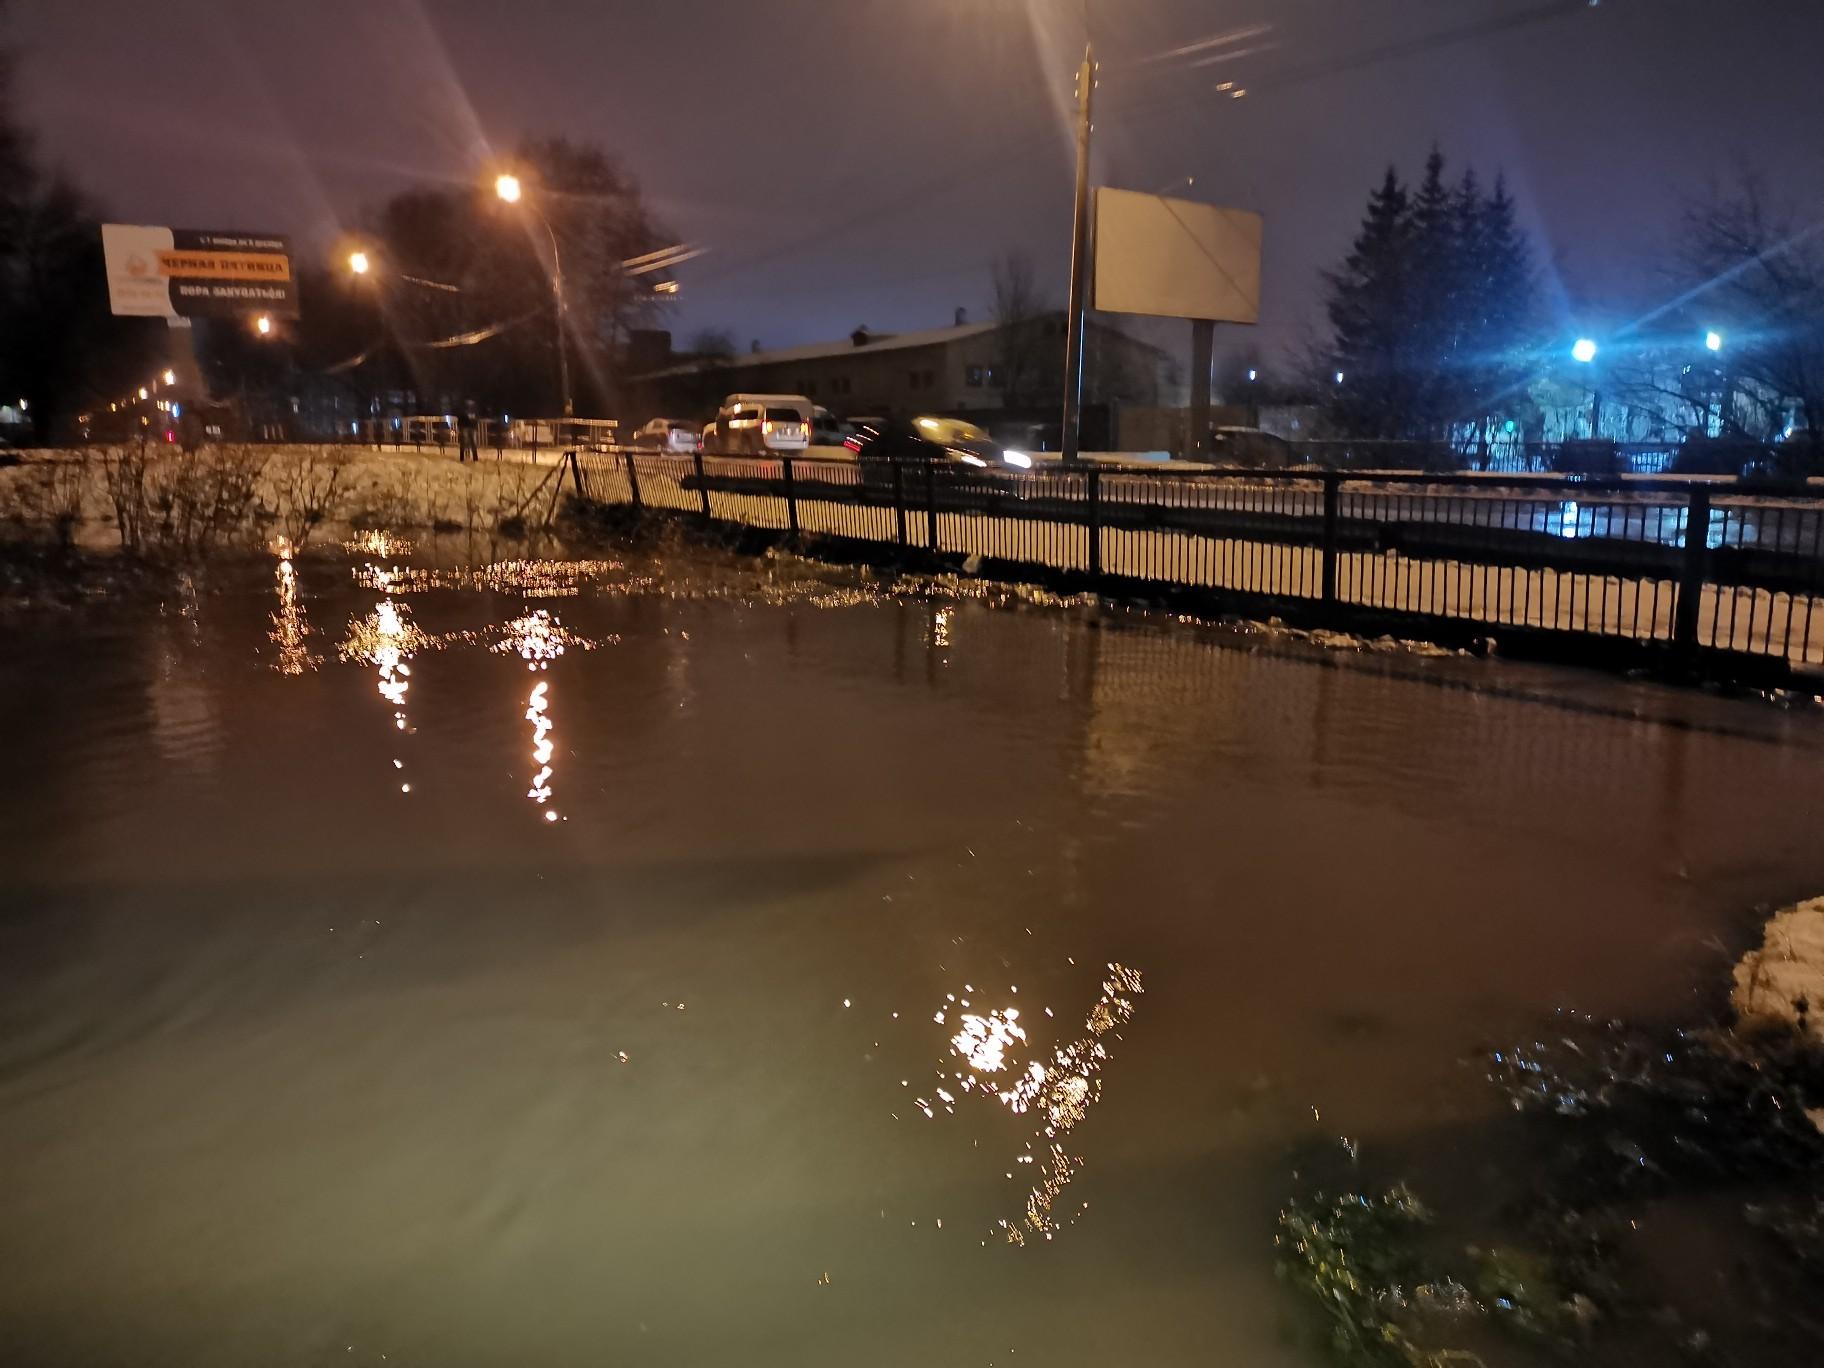 наводнение в городе вологда фото